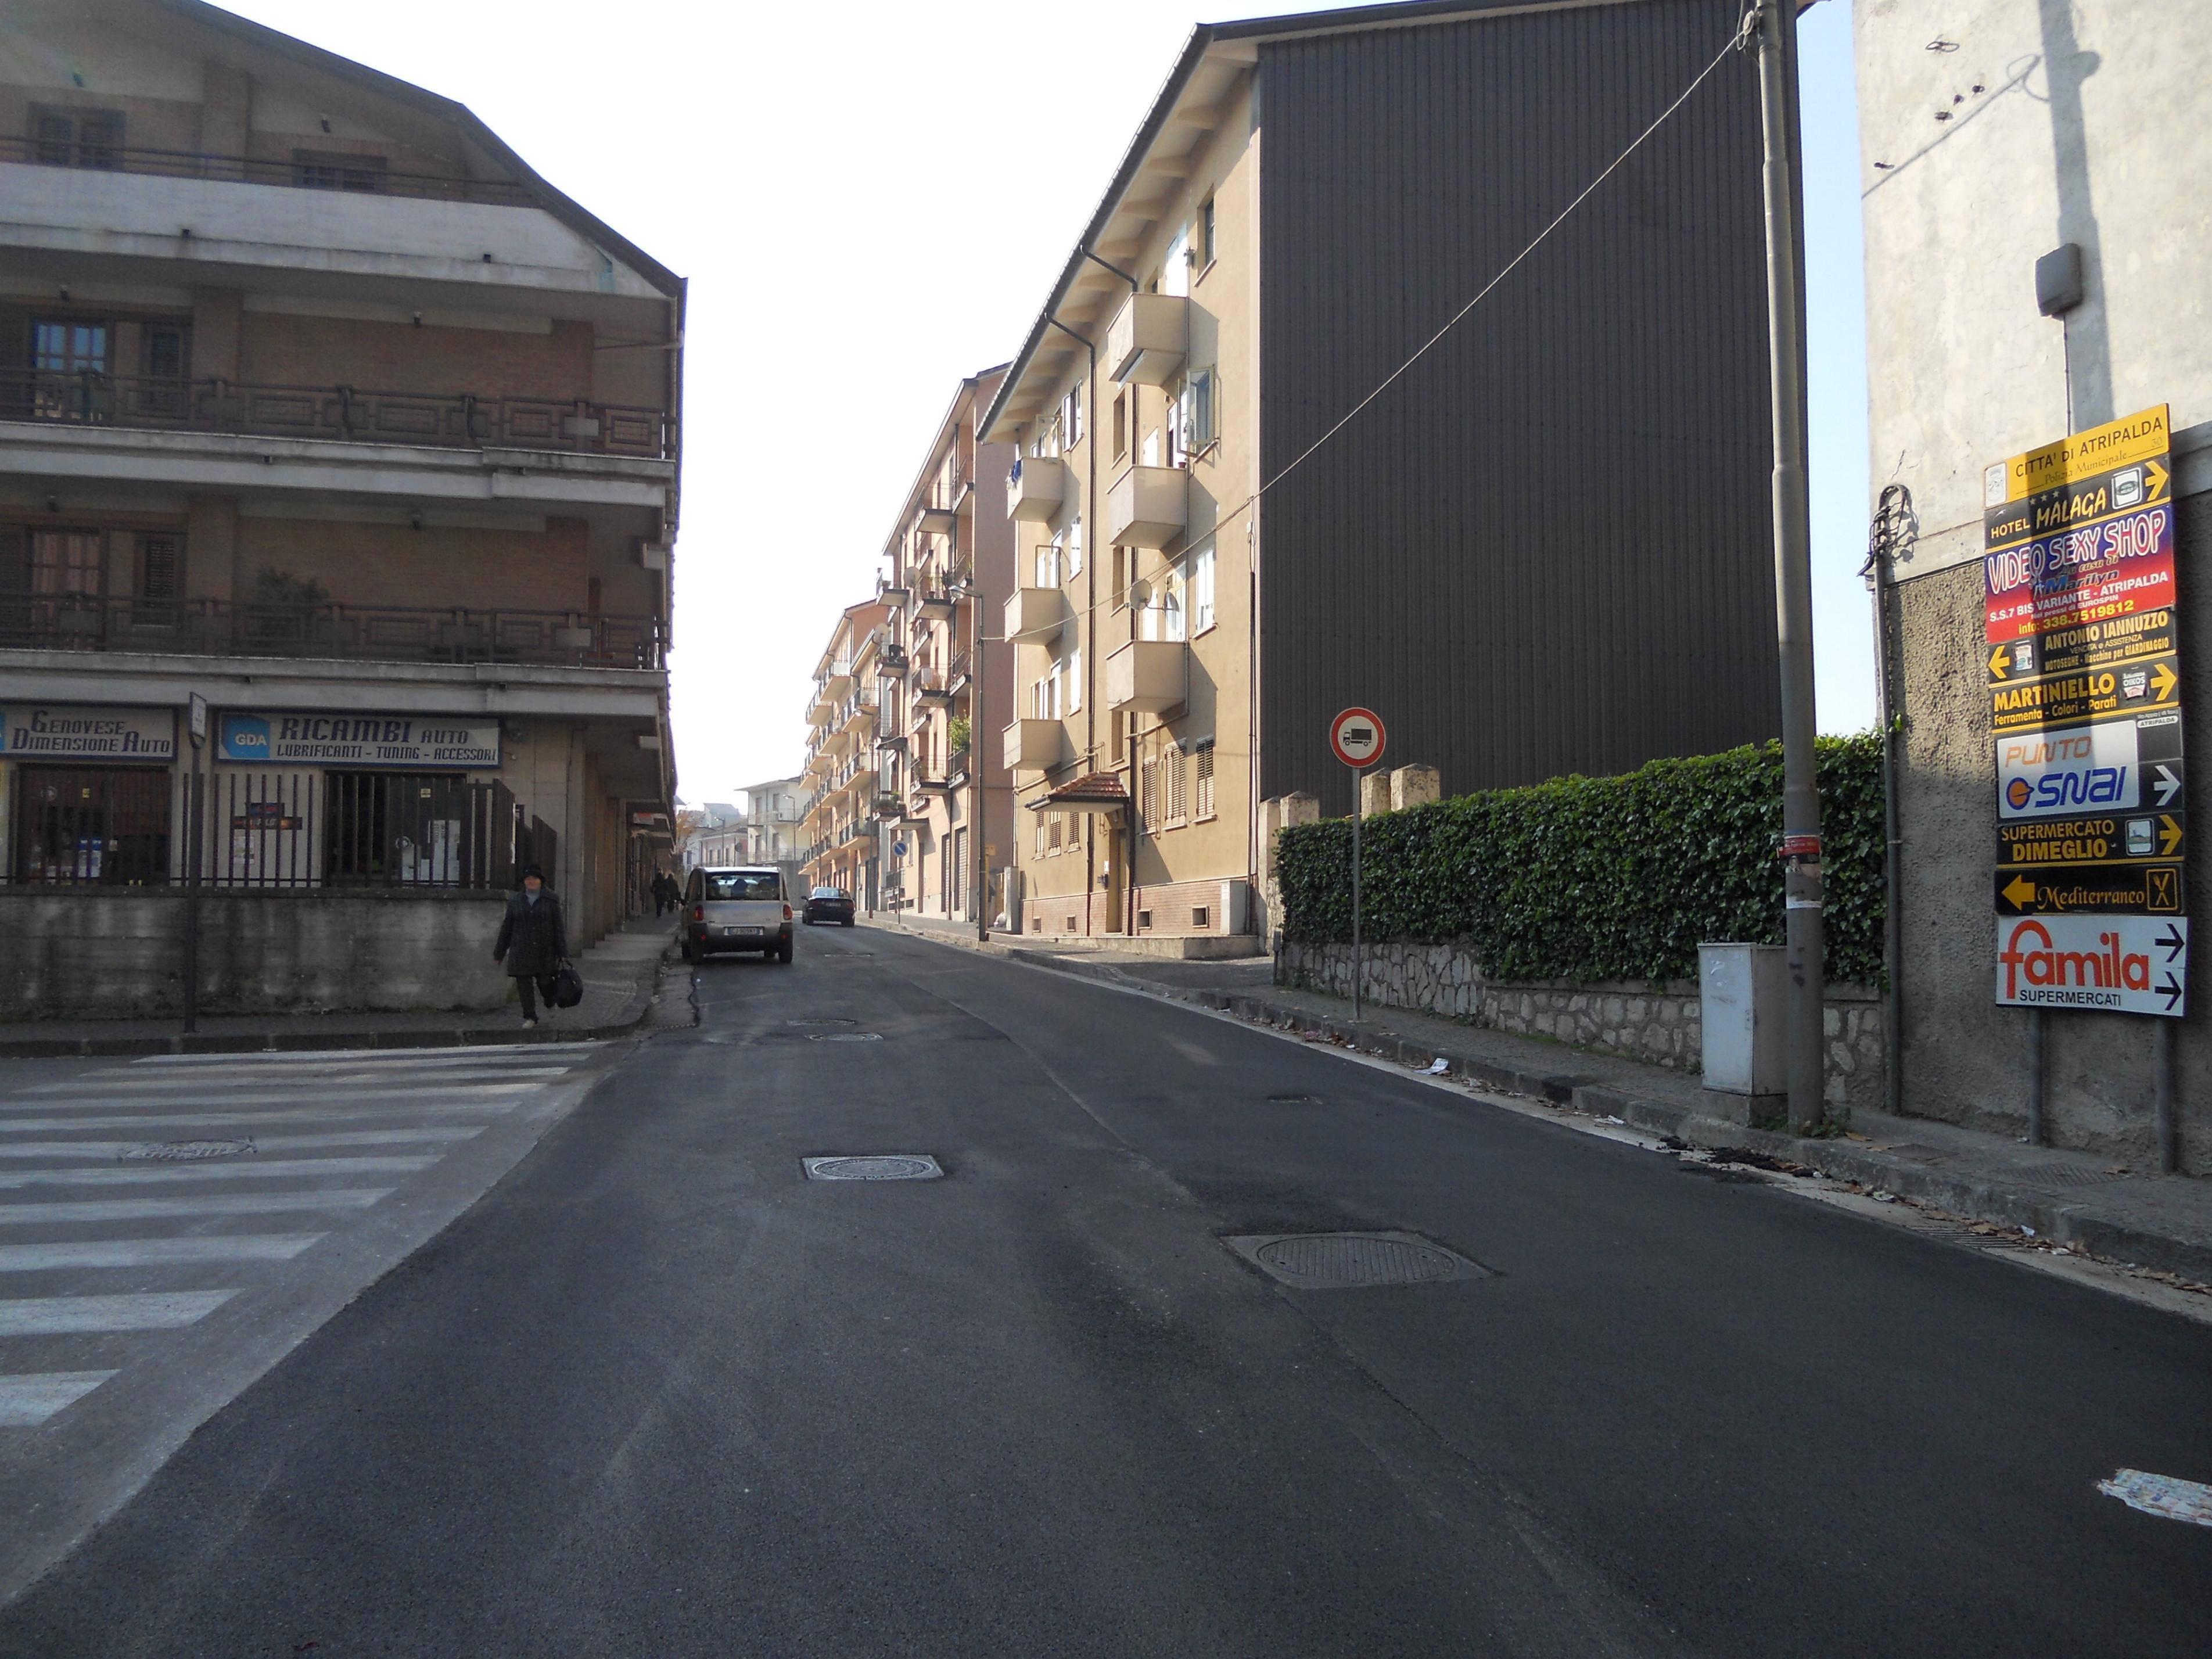 Riqualificazione via Cesinali, nuovo manto d'asfalto e